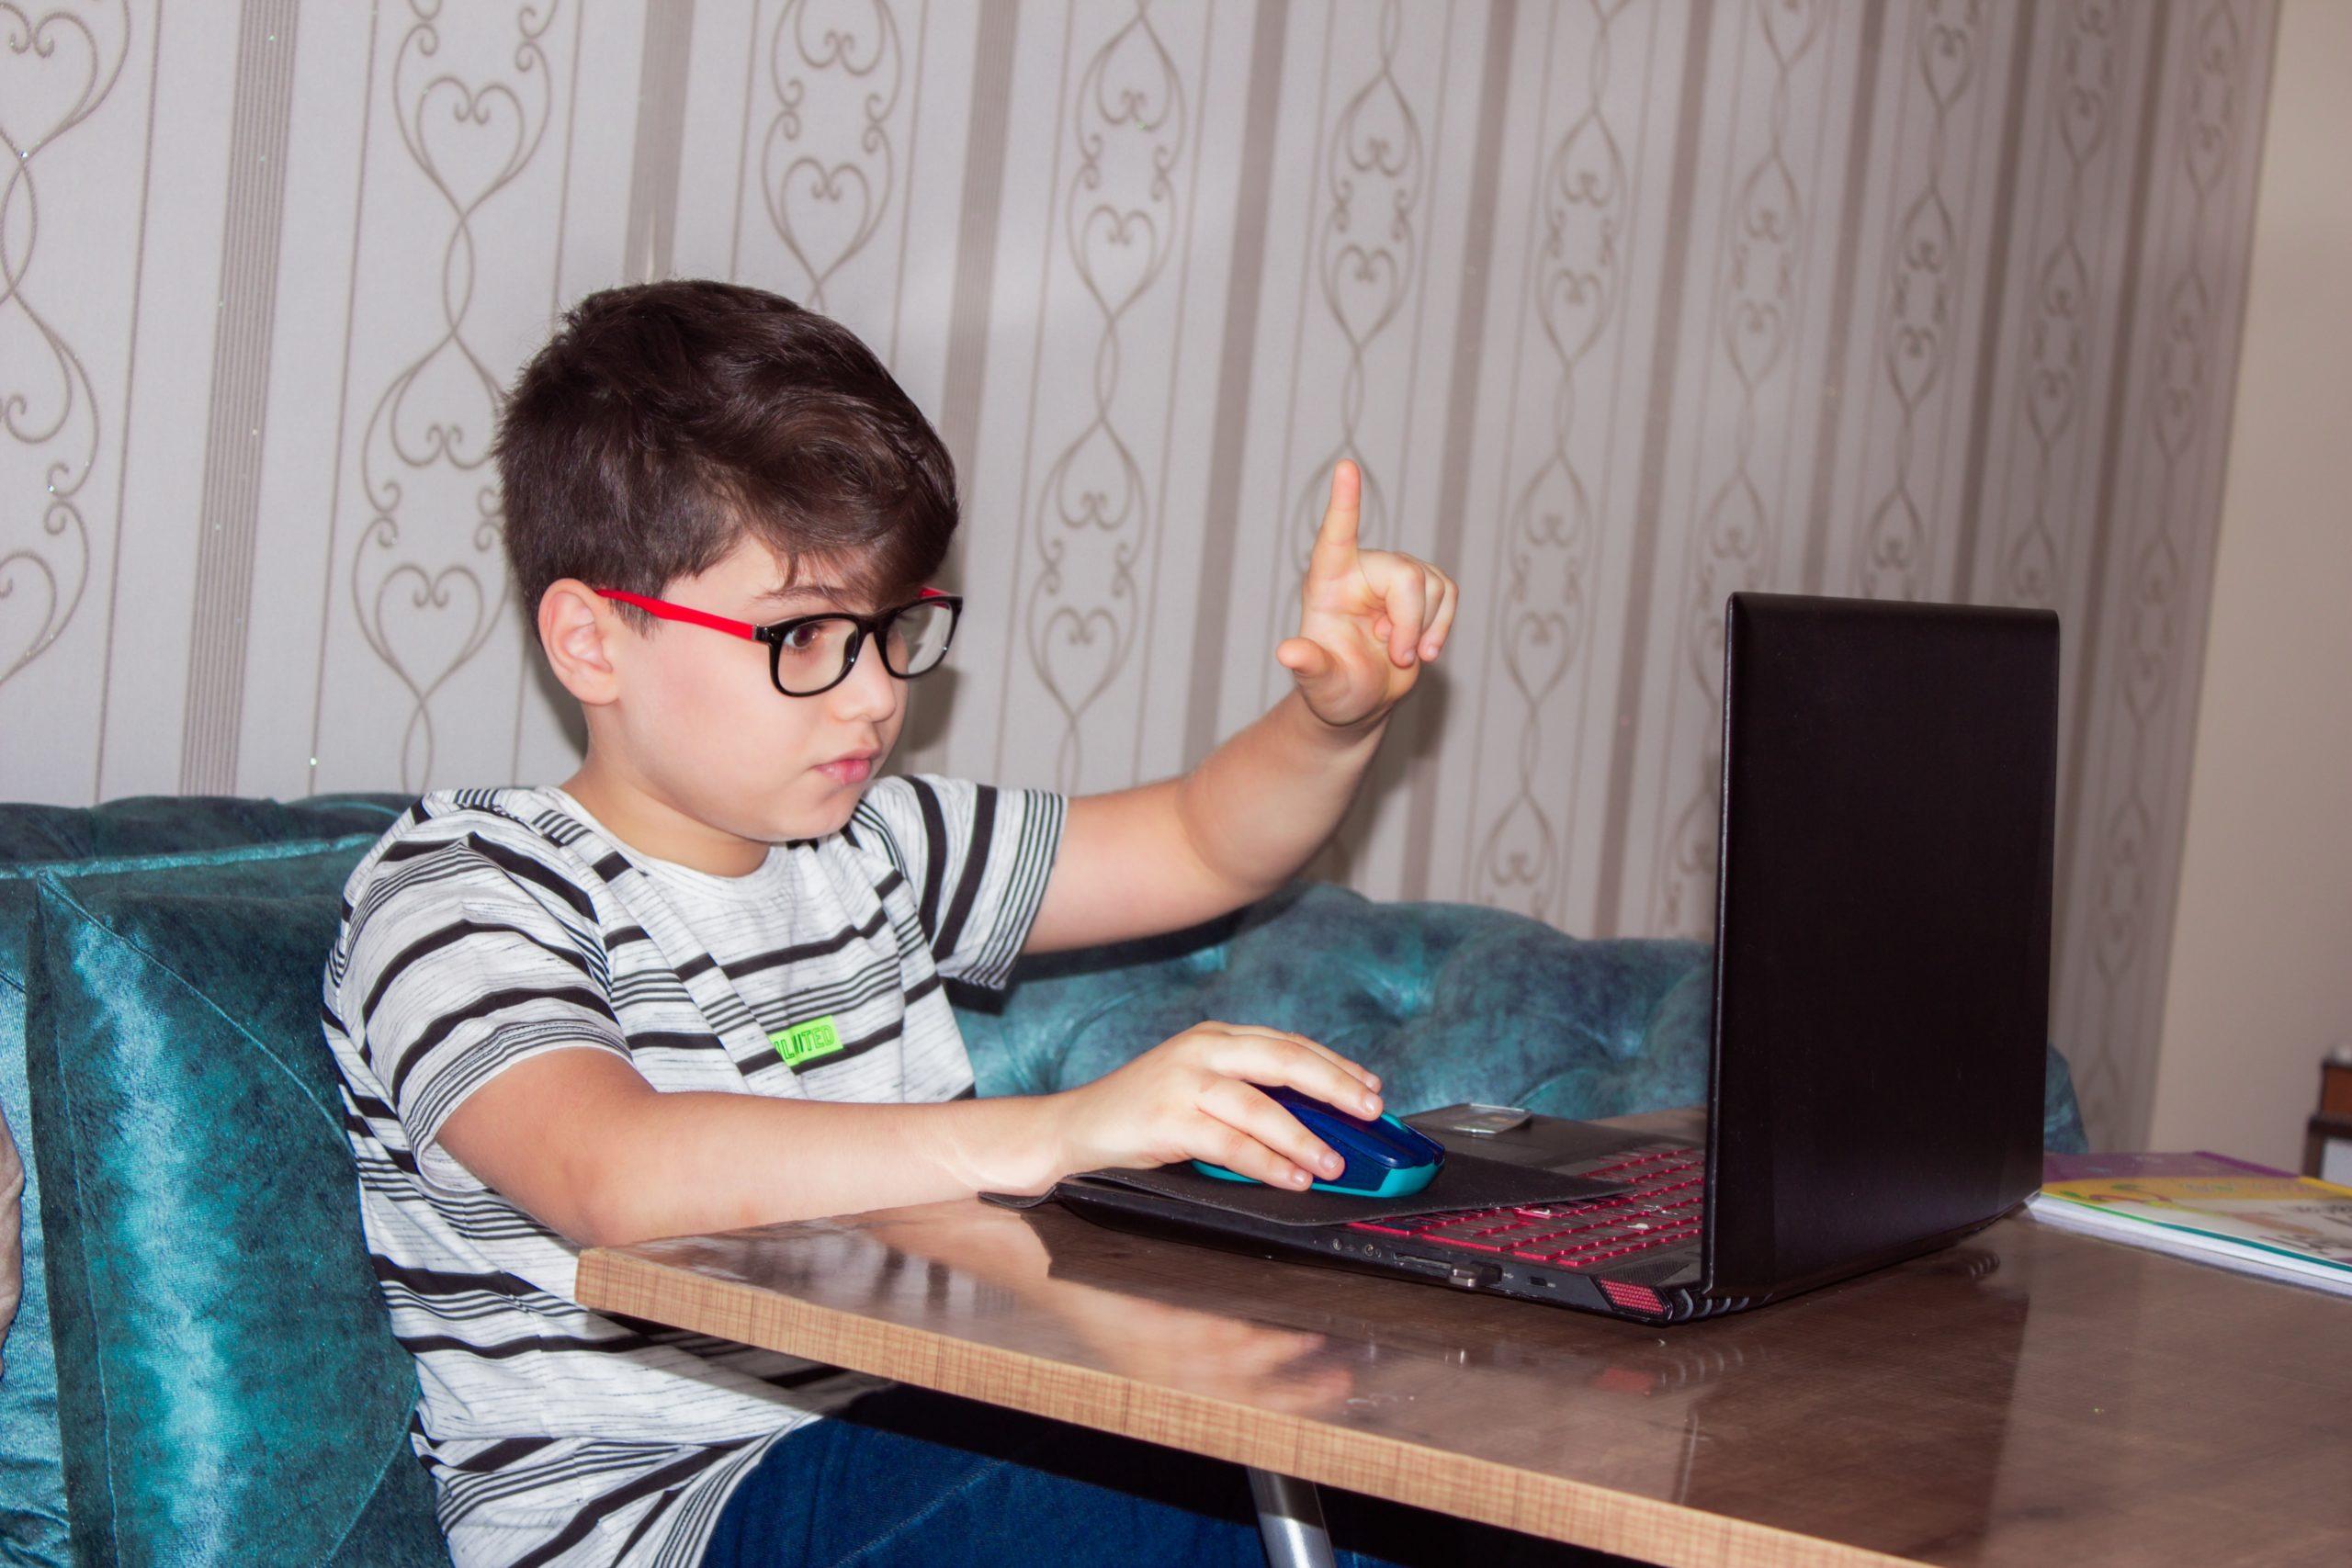 závislosť a online hrách